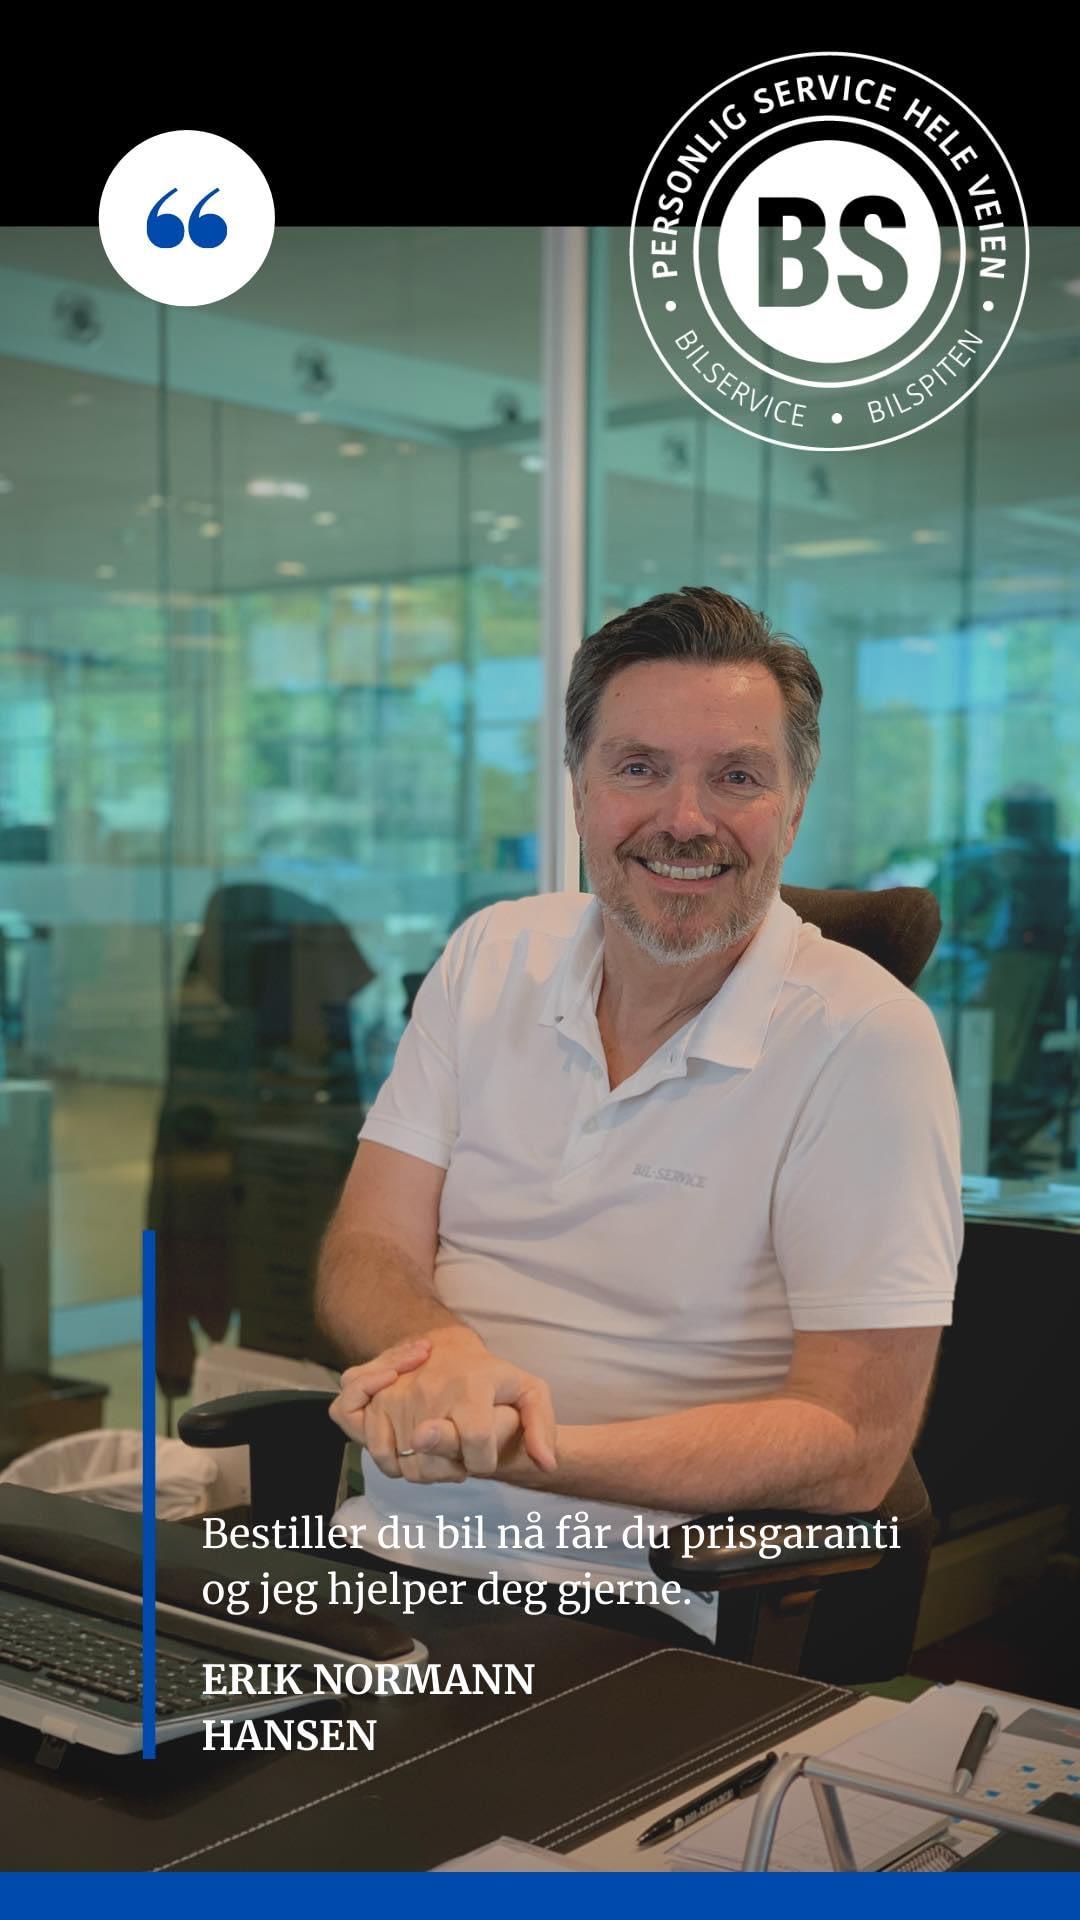 Erik Normann Hansen ved Bilservice / bilSpiten